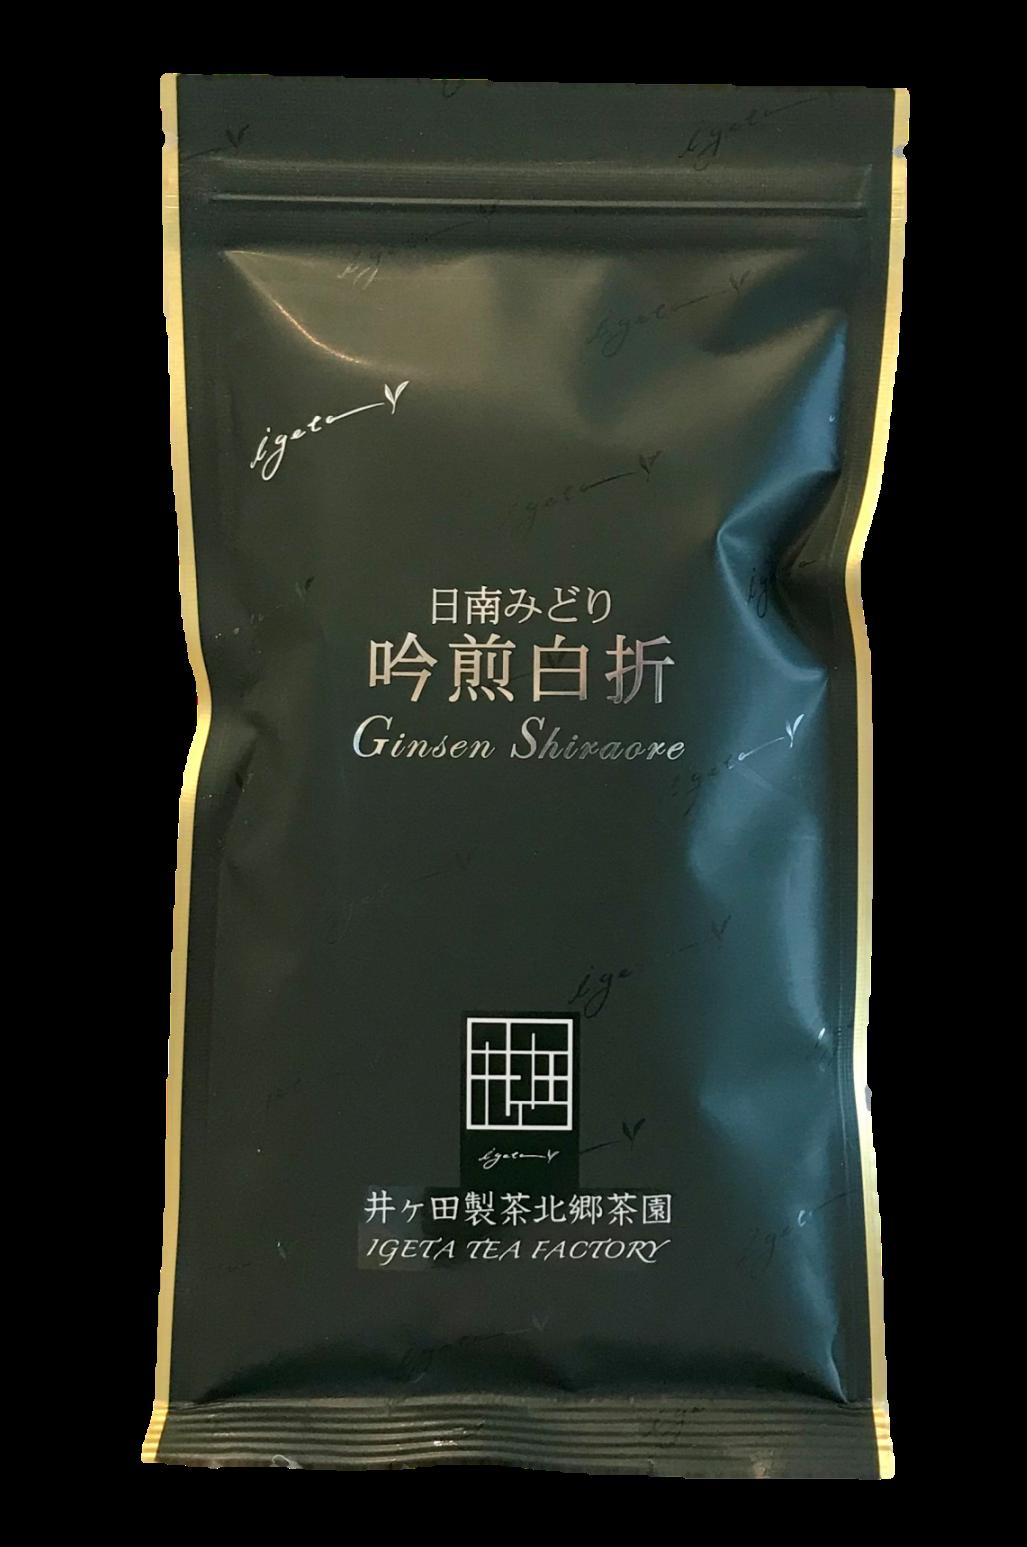 一番茶の茎茶から吟味選別した逸品です。<br>若芽と充分蒸しが通った柔らかい茎が原料なので、茎の爽やかな香りと充分な旨味が楽しめます。<br>【鹿児島・宮崎県産】